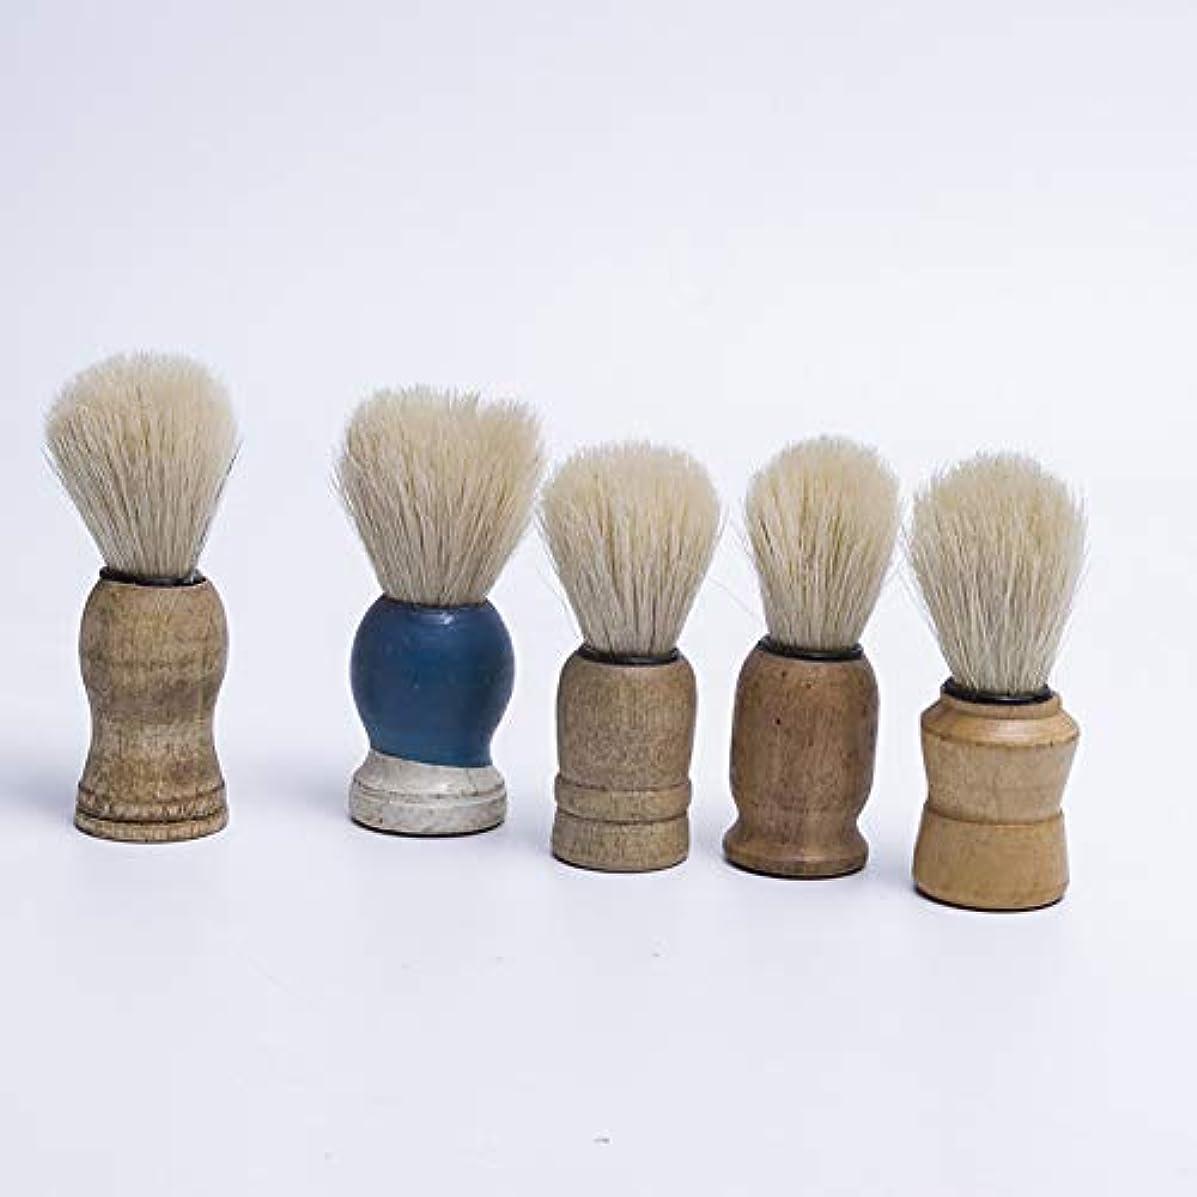 ペダルほんの割り当てますACHICOO 木製 ハンドルが付いている人 髭そり ブラシ 大広間 クリーニング 電気器具 剃毛用具 ブラシを剃っている人